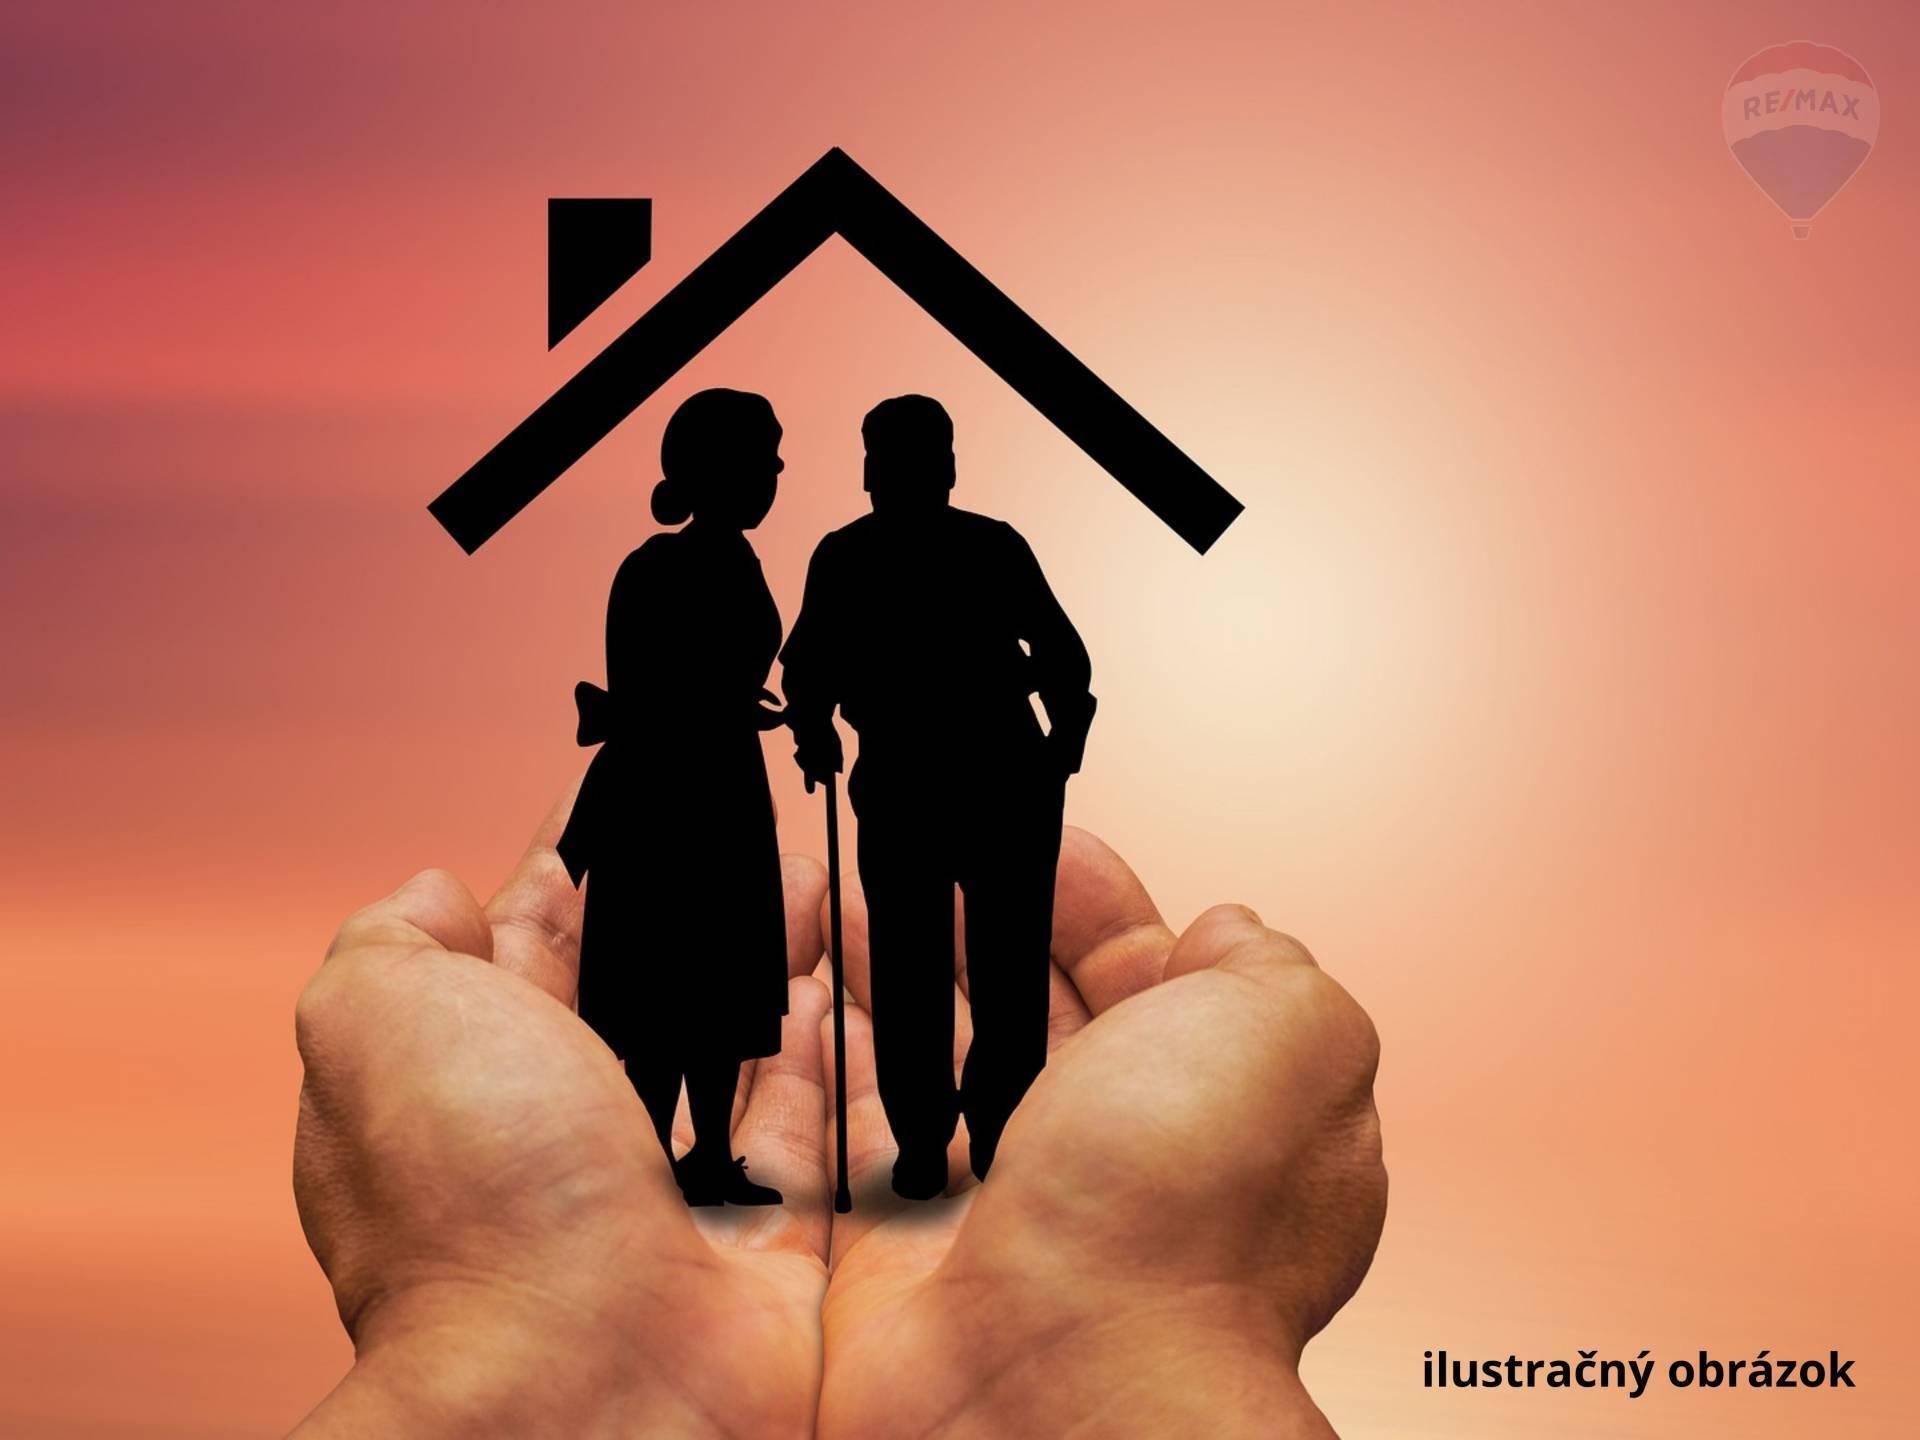 Predaj - Areál s domovom pre seniorov, penziónom a reštauráciou v Nitrianskom kraji